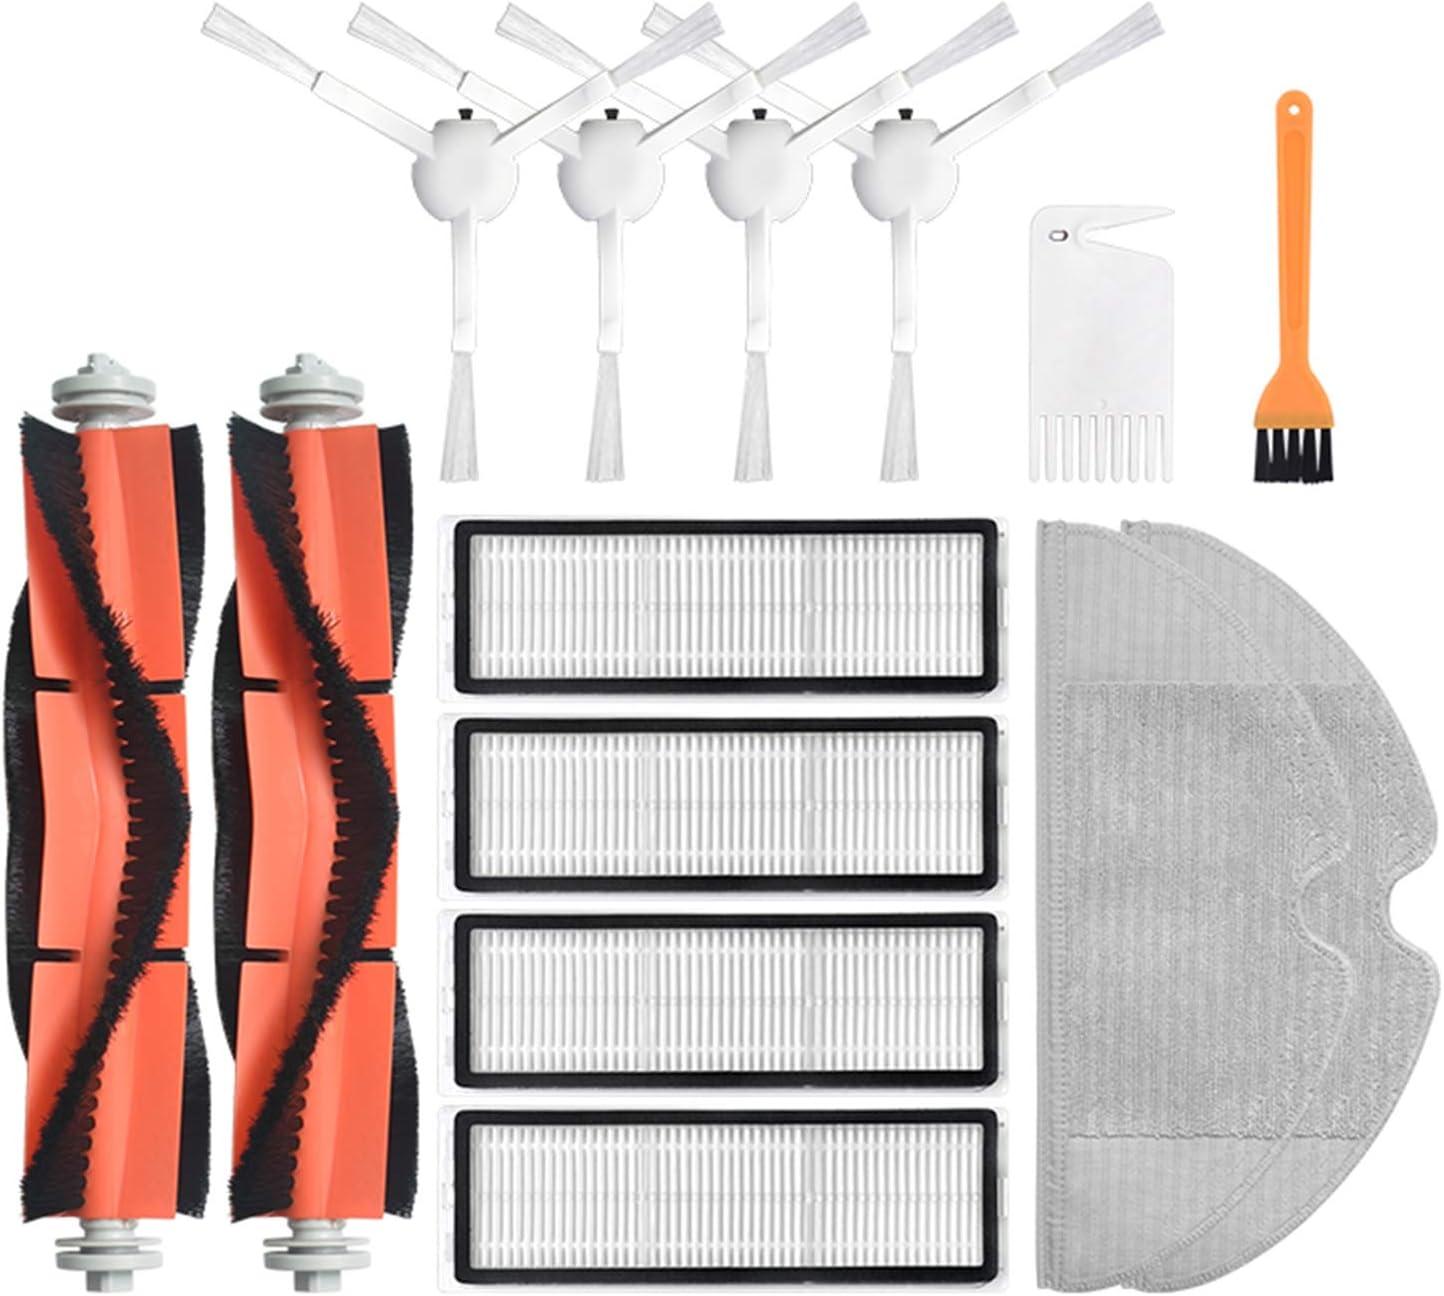 Repuesto de cepillo lateral principal de vacío cepillo rodillo cepillo cepillo trapo para Xiaomi Mijia 1C barrido robot aspirador piezas